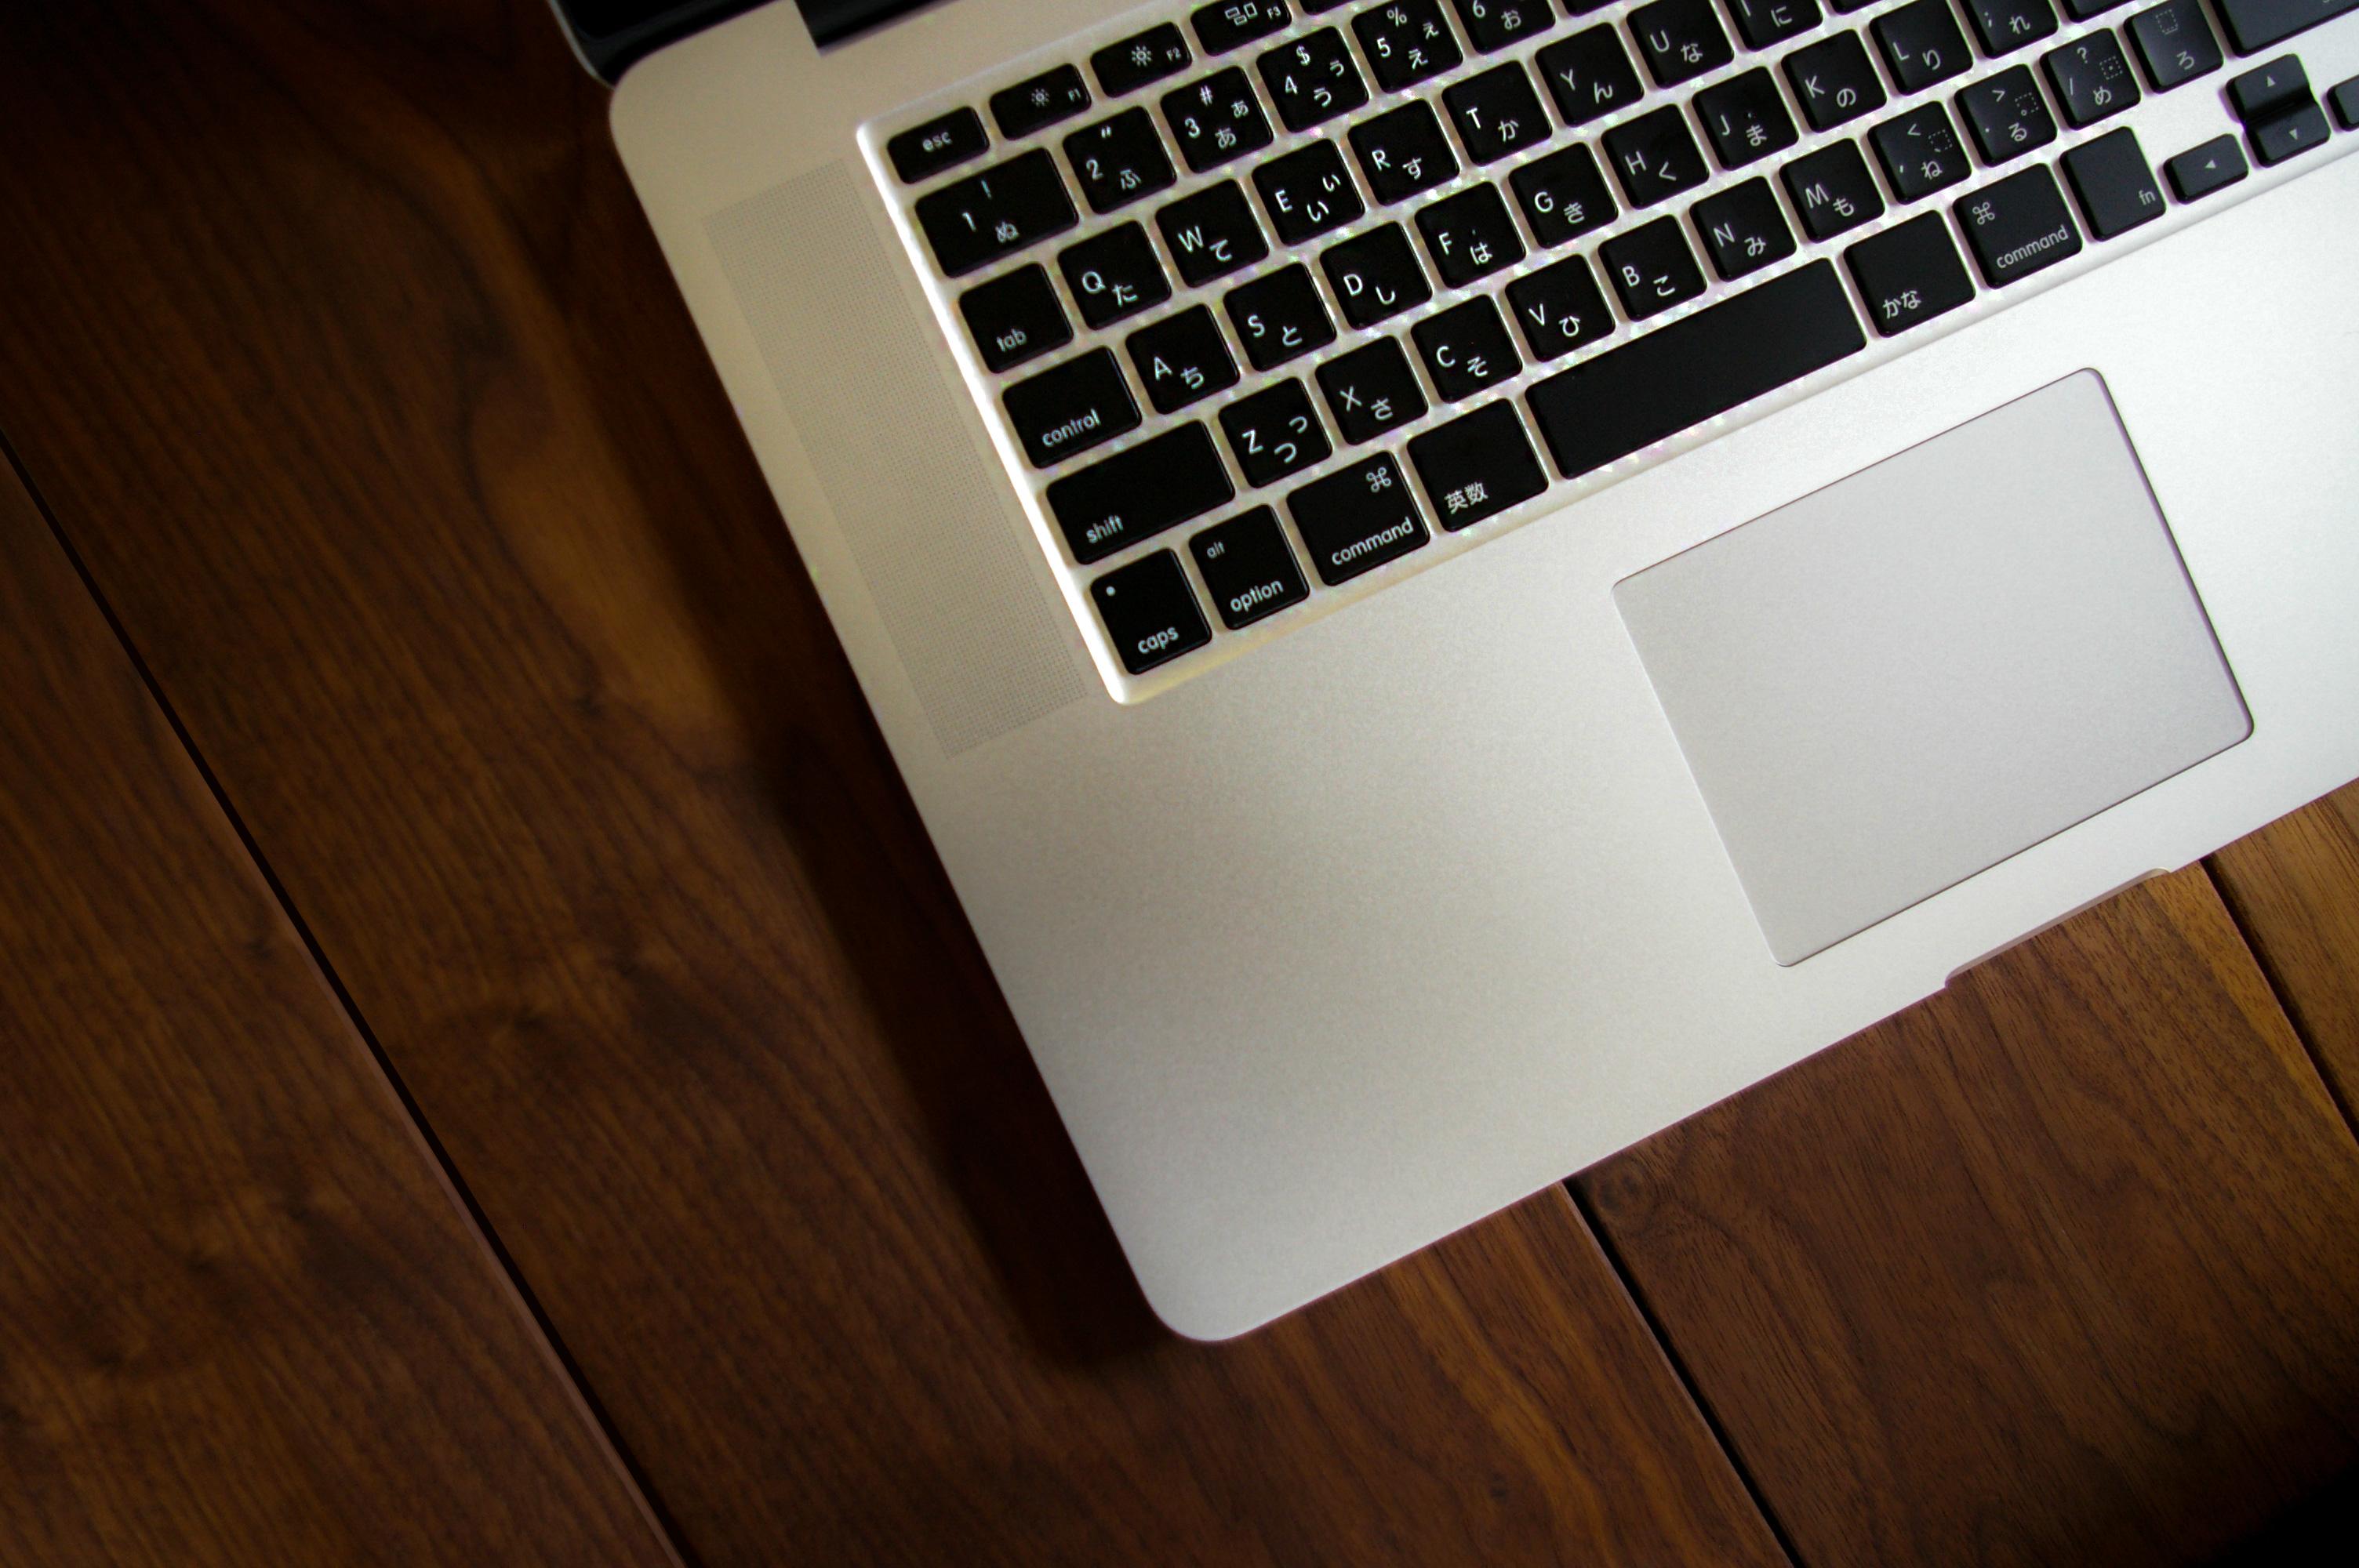 メルカリ転売をパソコンで実践する方法、スマホアプリとの違い